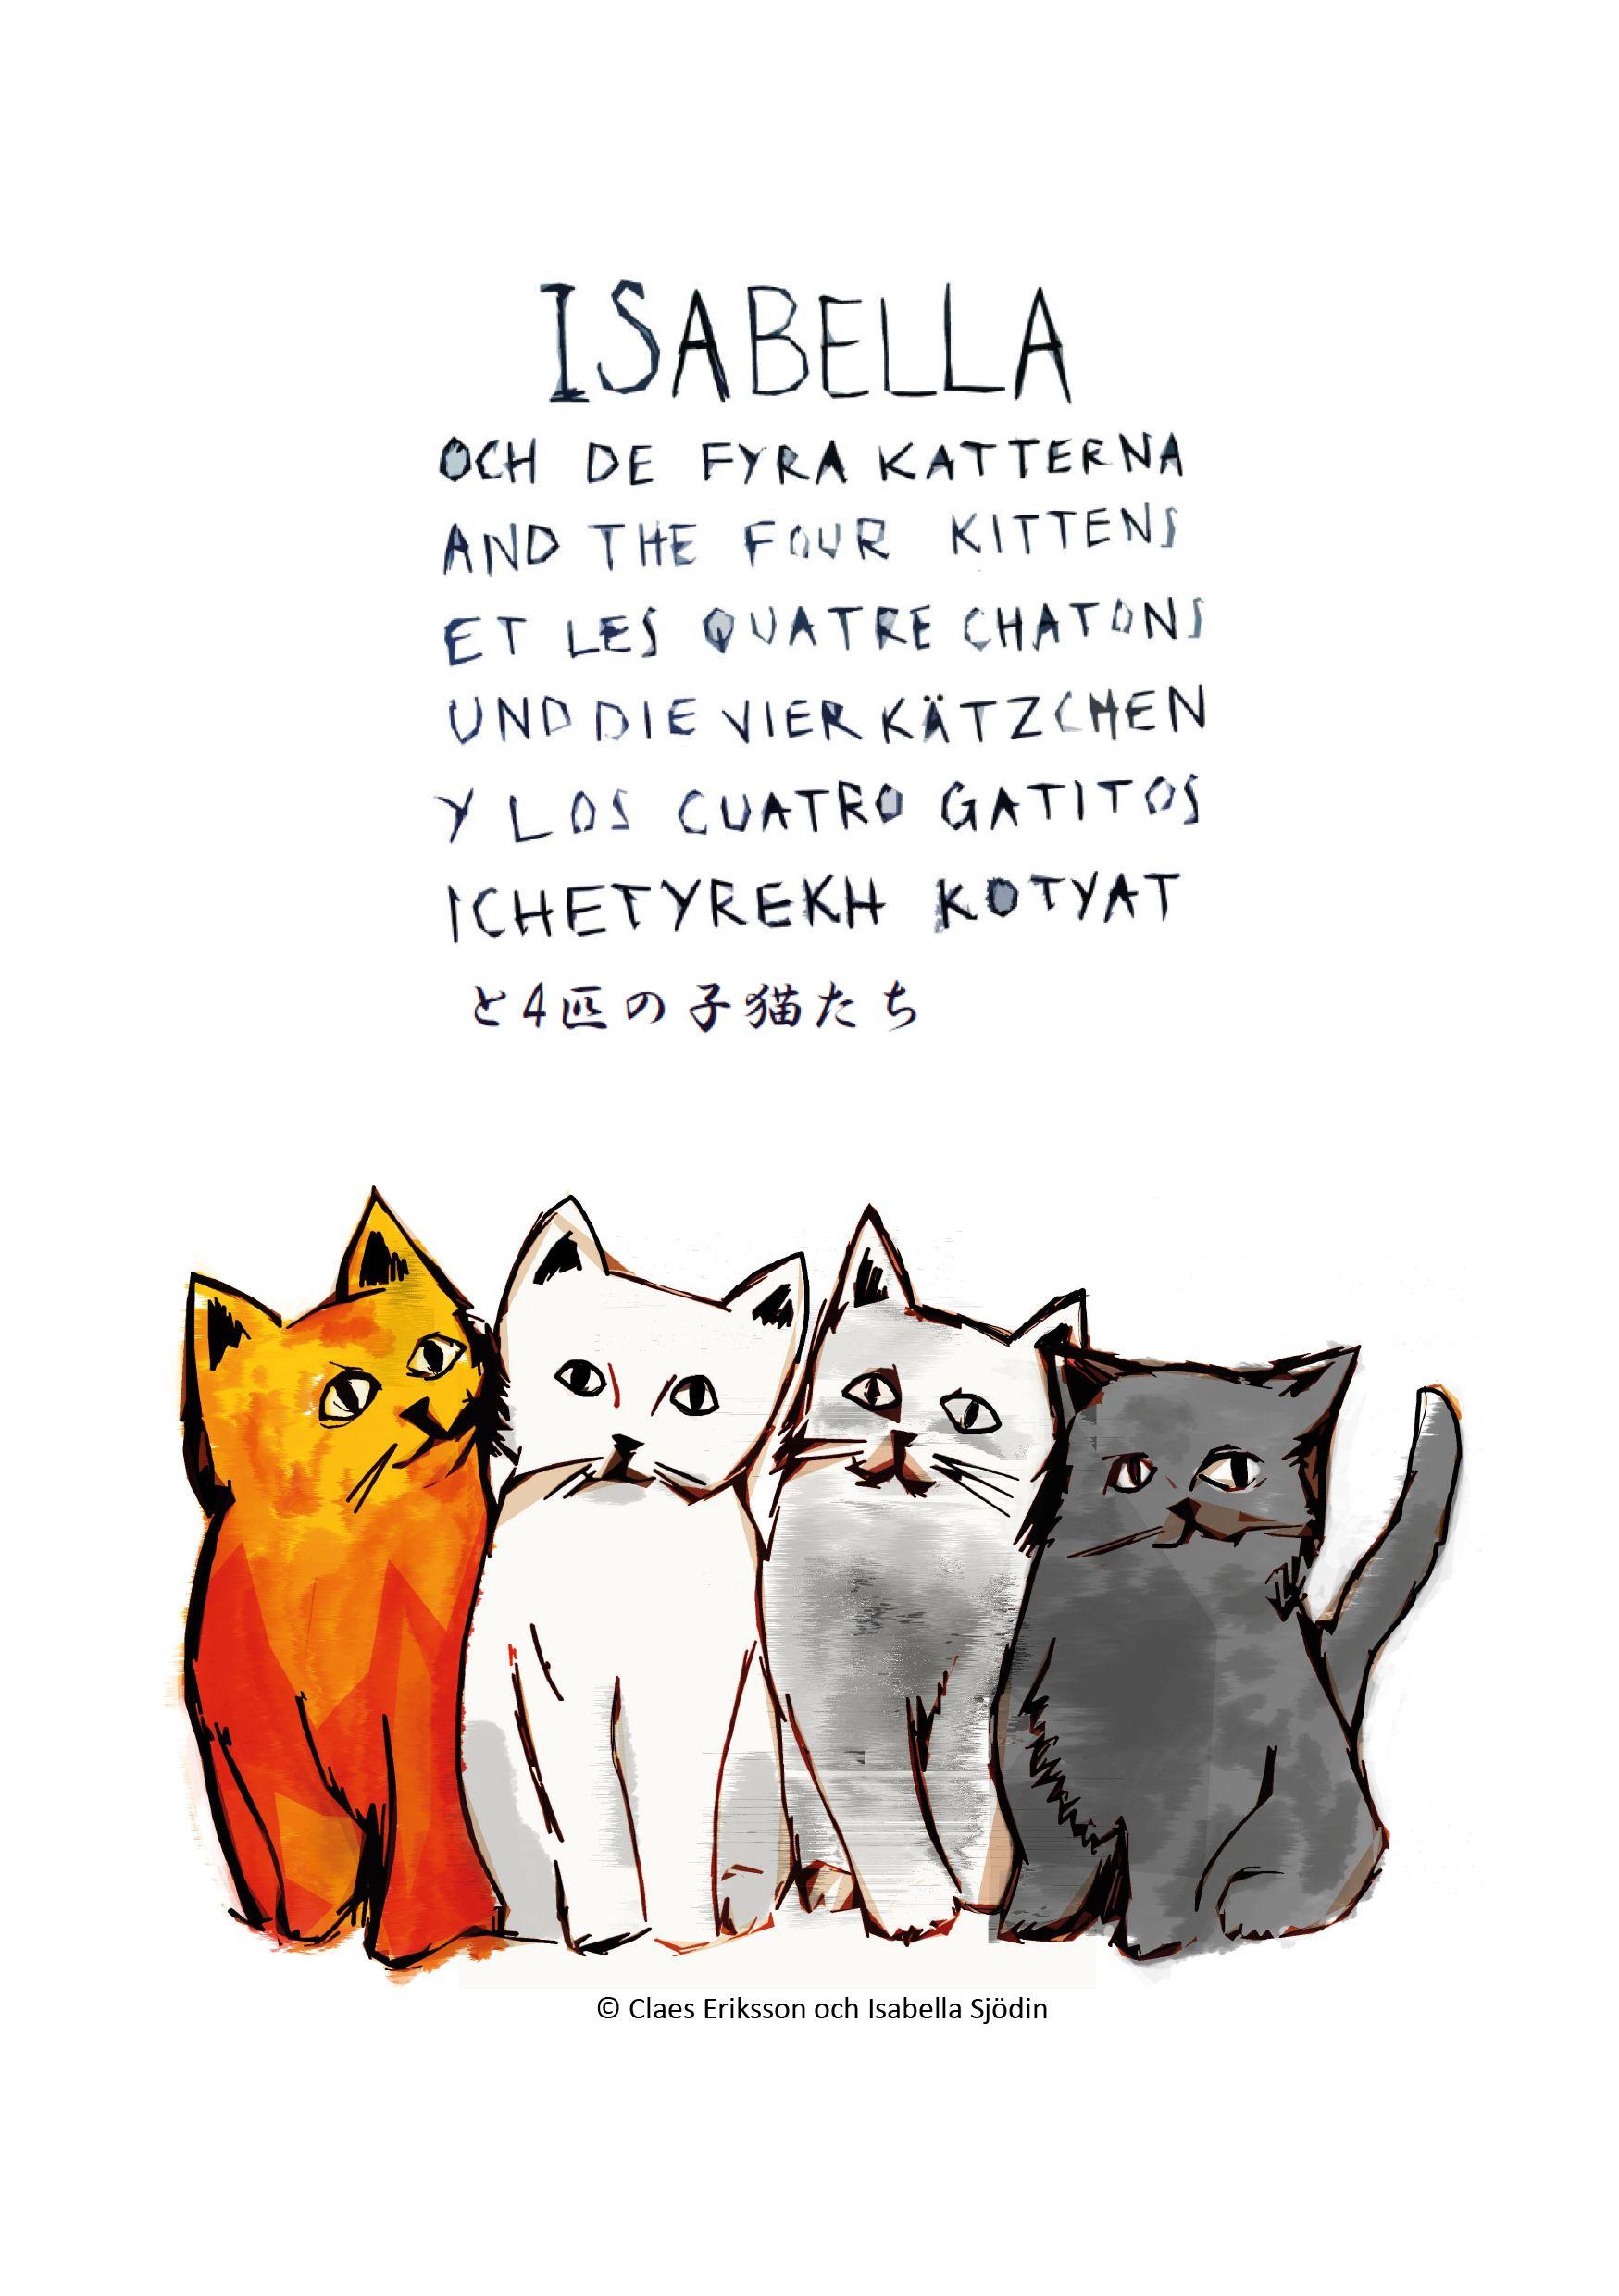 Isabella och de fyra katterna av Claes Eriksson  - http://www.vulkanmedia.se/butik/skonlitteratur-barnbocker/isabella-och-de-fyra-katterna-av-claes-eriksson/